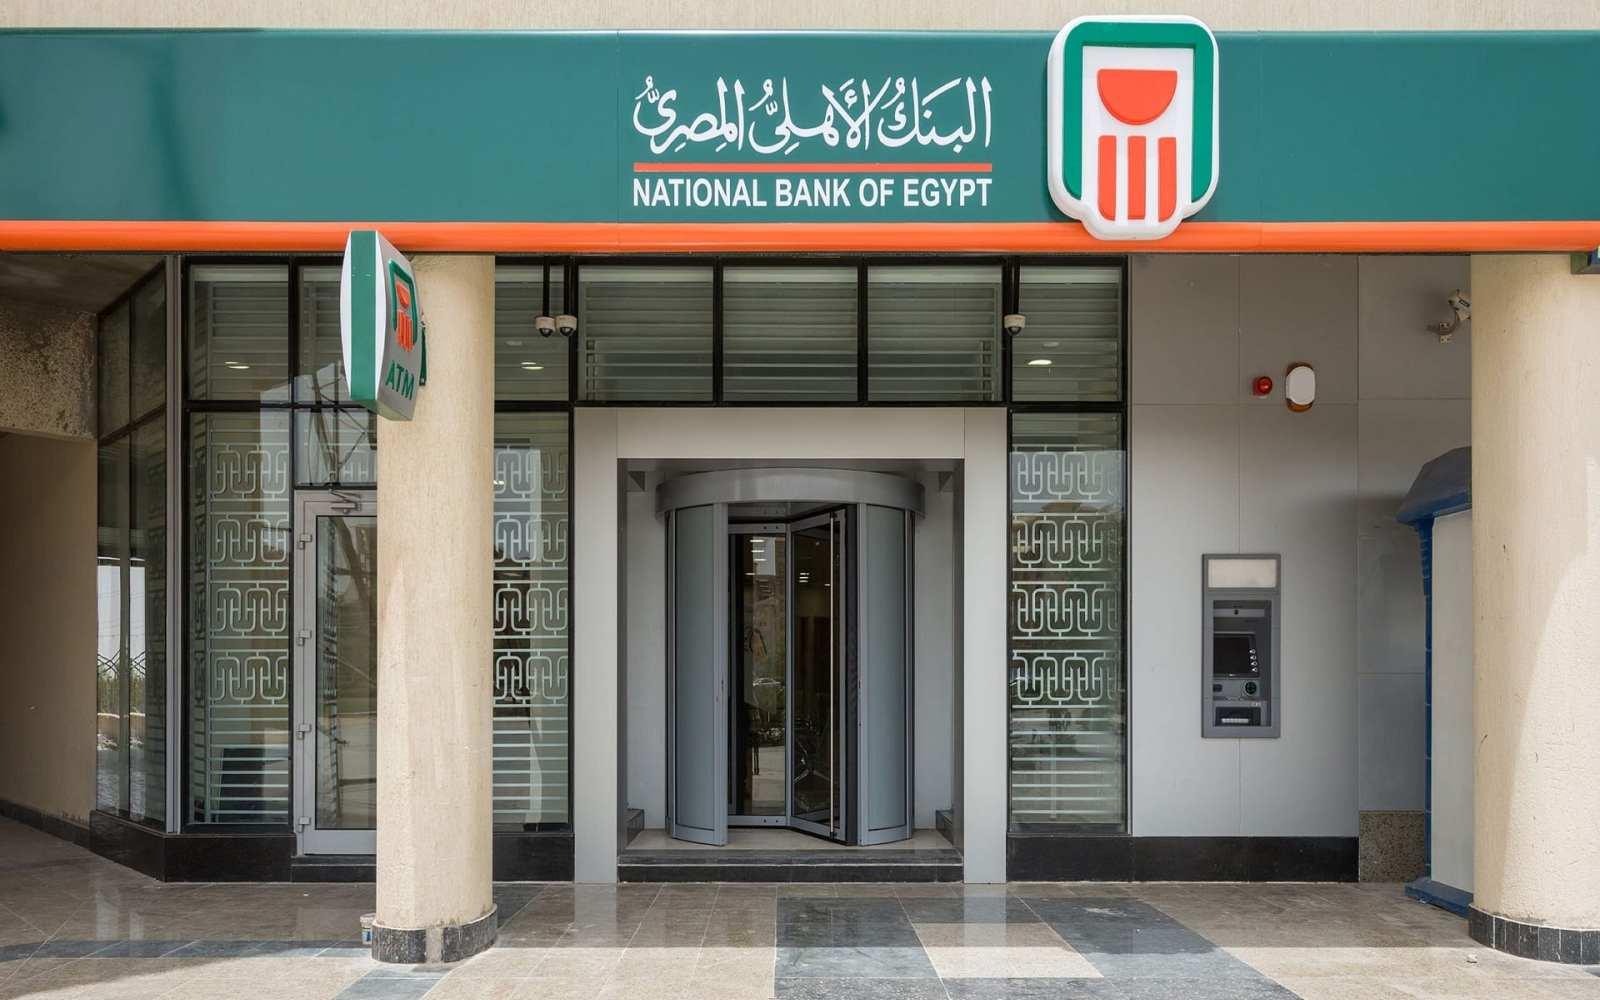 البنك الأهلي المصري يساند أطباء مصر بتلقى التبرعات علي حساب ١١١١١١ كما يساهم بمبلغ مماثل لإجمالي التبرعات